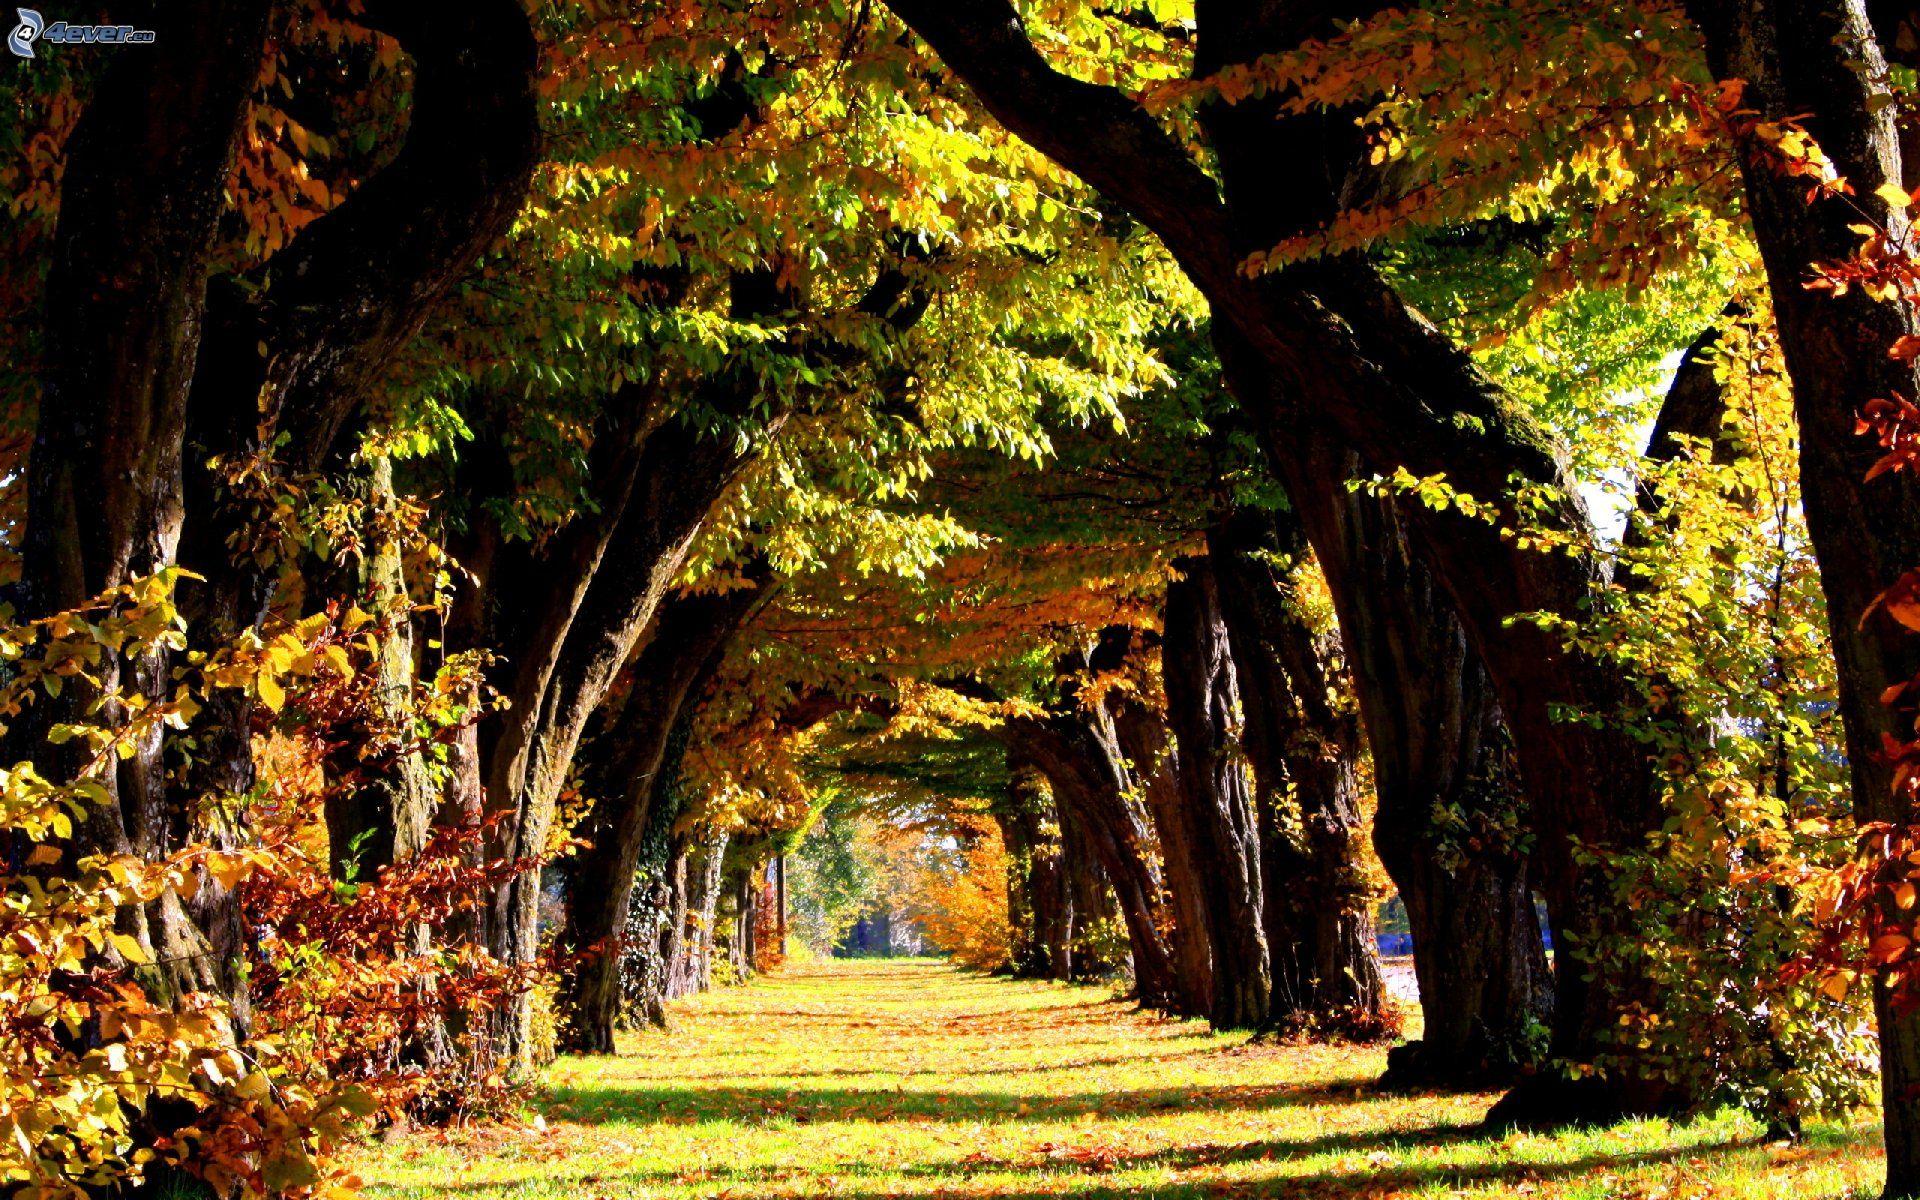 Viale albero for Immagini autunno hd